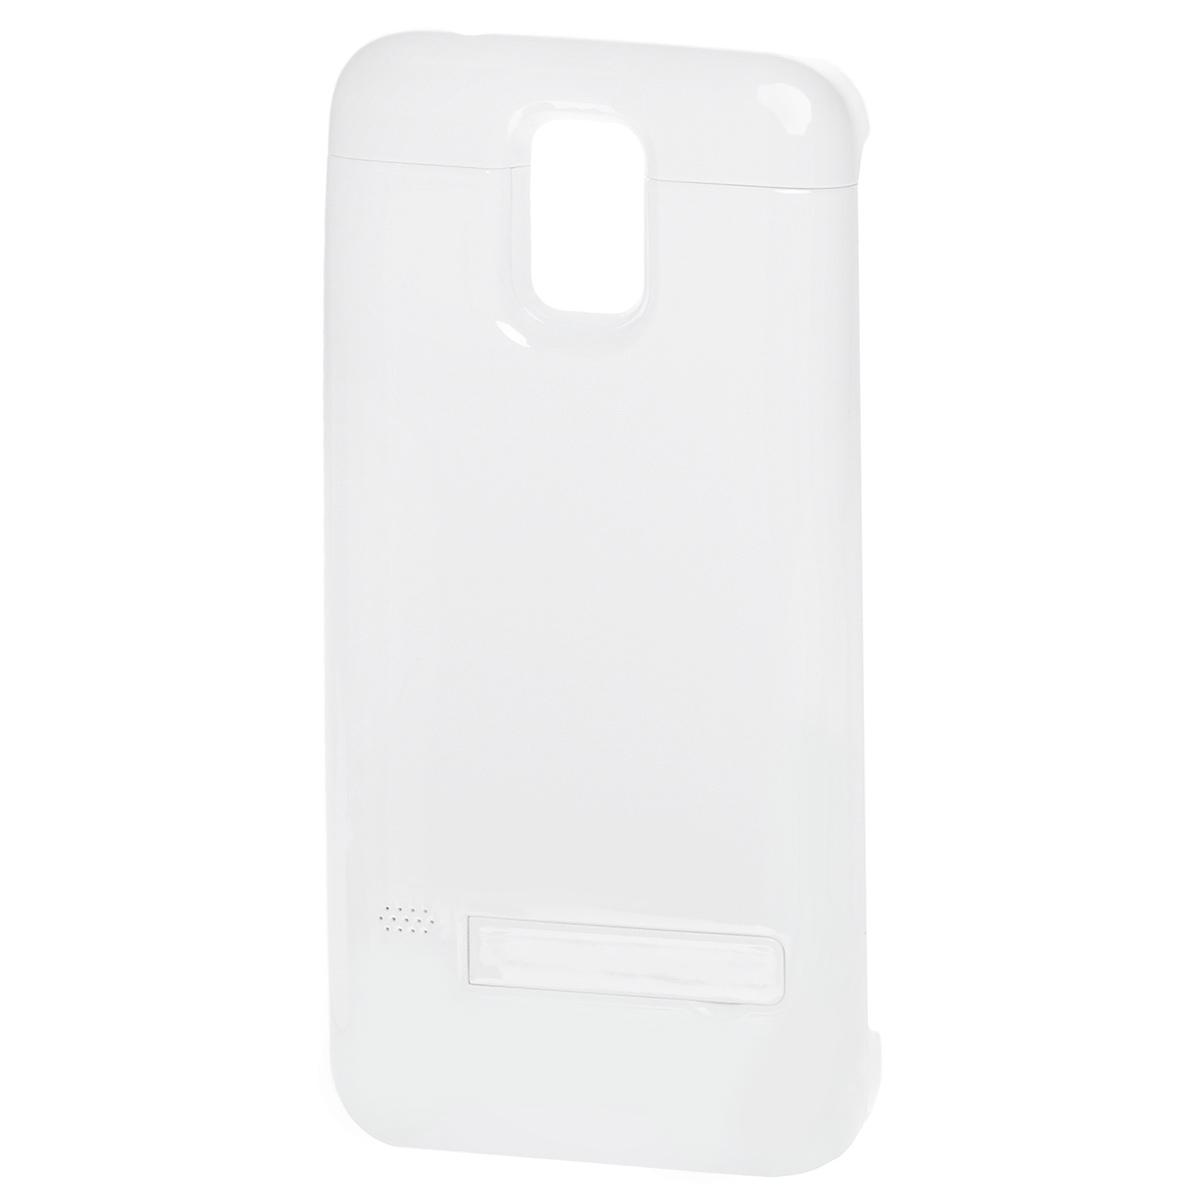 EXEQ HelpinG-SC08 чехол-аккумулятор для Samsung Galaxy S5, White (3300 мАч, клип-кейс)HelpinG-SC08 WHExeq HelpinG-SС08 – универсальный аксессуар, благодаря которому ваш смартфон не только будет надежно защищен, но и обеспечен своевременной подзарядкой! Exeq HelpinG-SС08 выполнен из прочного прорезиненного пластика, который надежно защитит смартфон от ударов, царапин и загрязнений. Встроенный аккумулятор емкостью в 3300 мАч обеспечит своевременную подзарядку батареи смартфона в самые необходимые моменты его использования. Также чехол Exeq HelpinG-SС08 оборудован встроенной подставкой, которая позволит надежно закрепить телефон в горизонтальном положении, например для просмотра видео, чтения электронных книг. Заряжается чехол-аккумулятор Exeq HelpinG-SС08 от зарядного устройства телефона, причем заряжать оба устройства можно не извлекая телефон из чехла. Так для зарядки телефона просто подсоедините зарядное устройства к чехлу и нажмите кнопку питания на чехле, а для зарядки чехла просто подсоедините зарядное устройство к нему. Аналогично происходит и ...